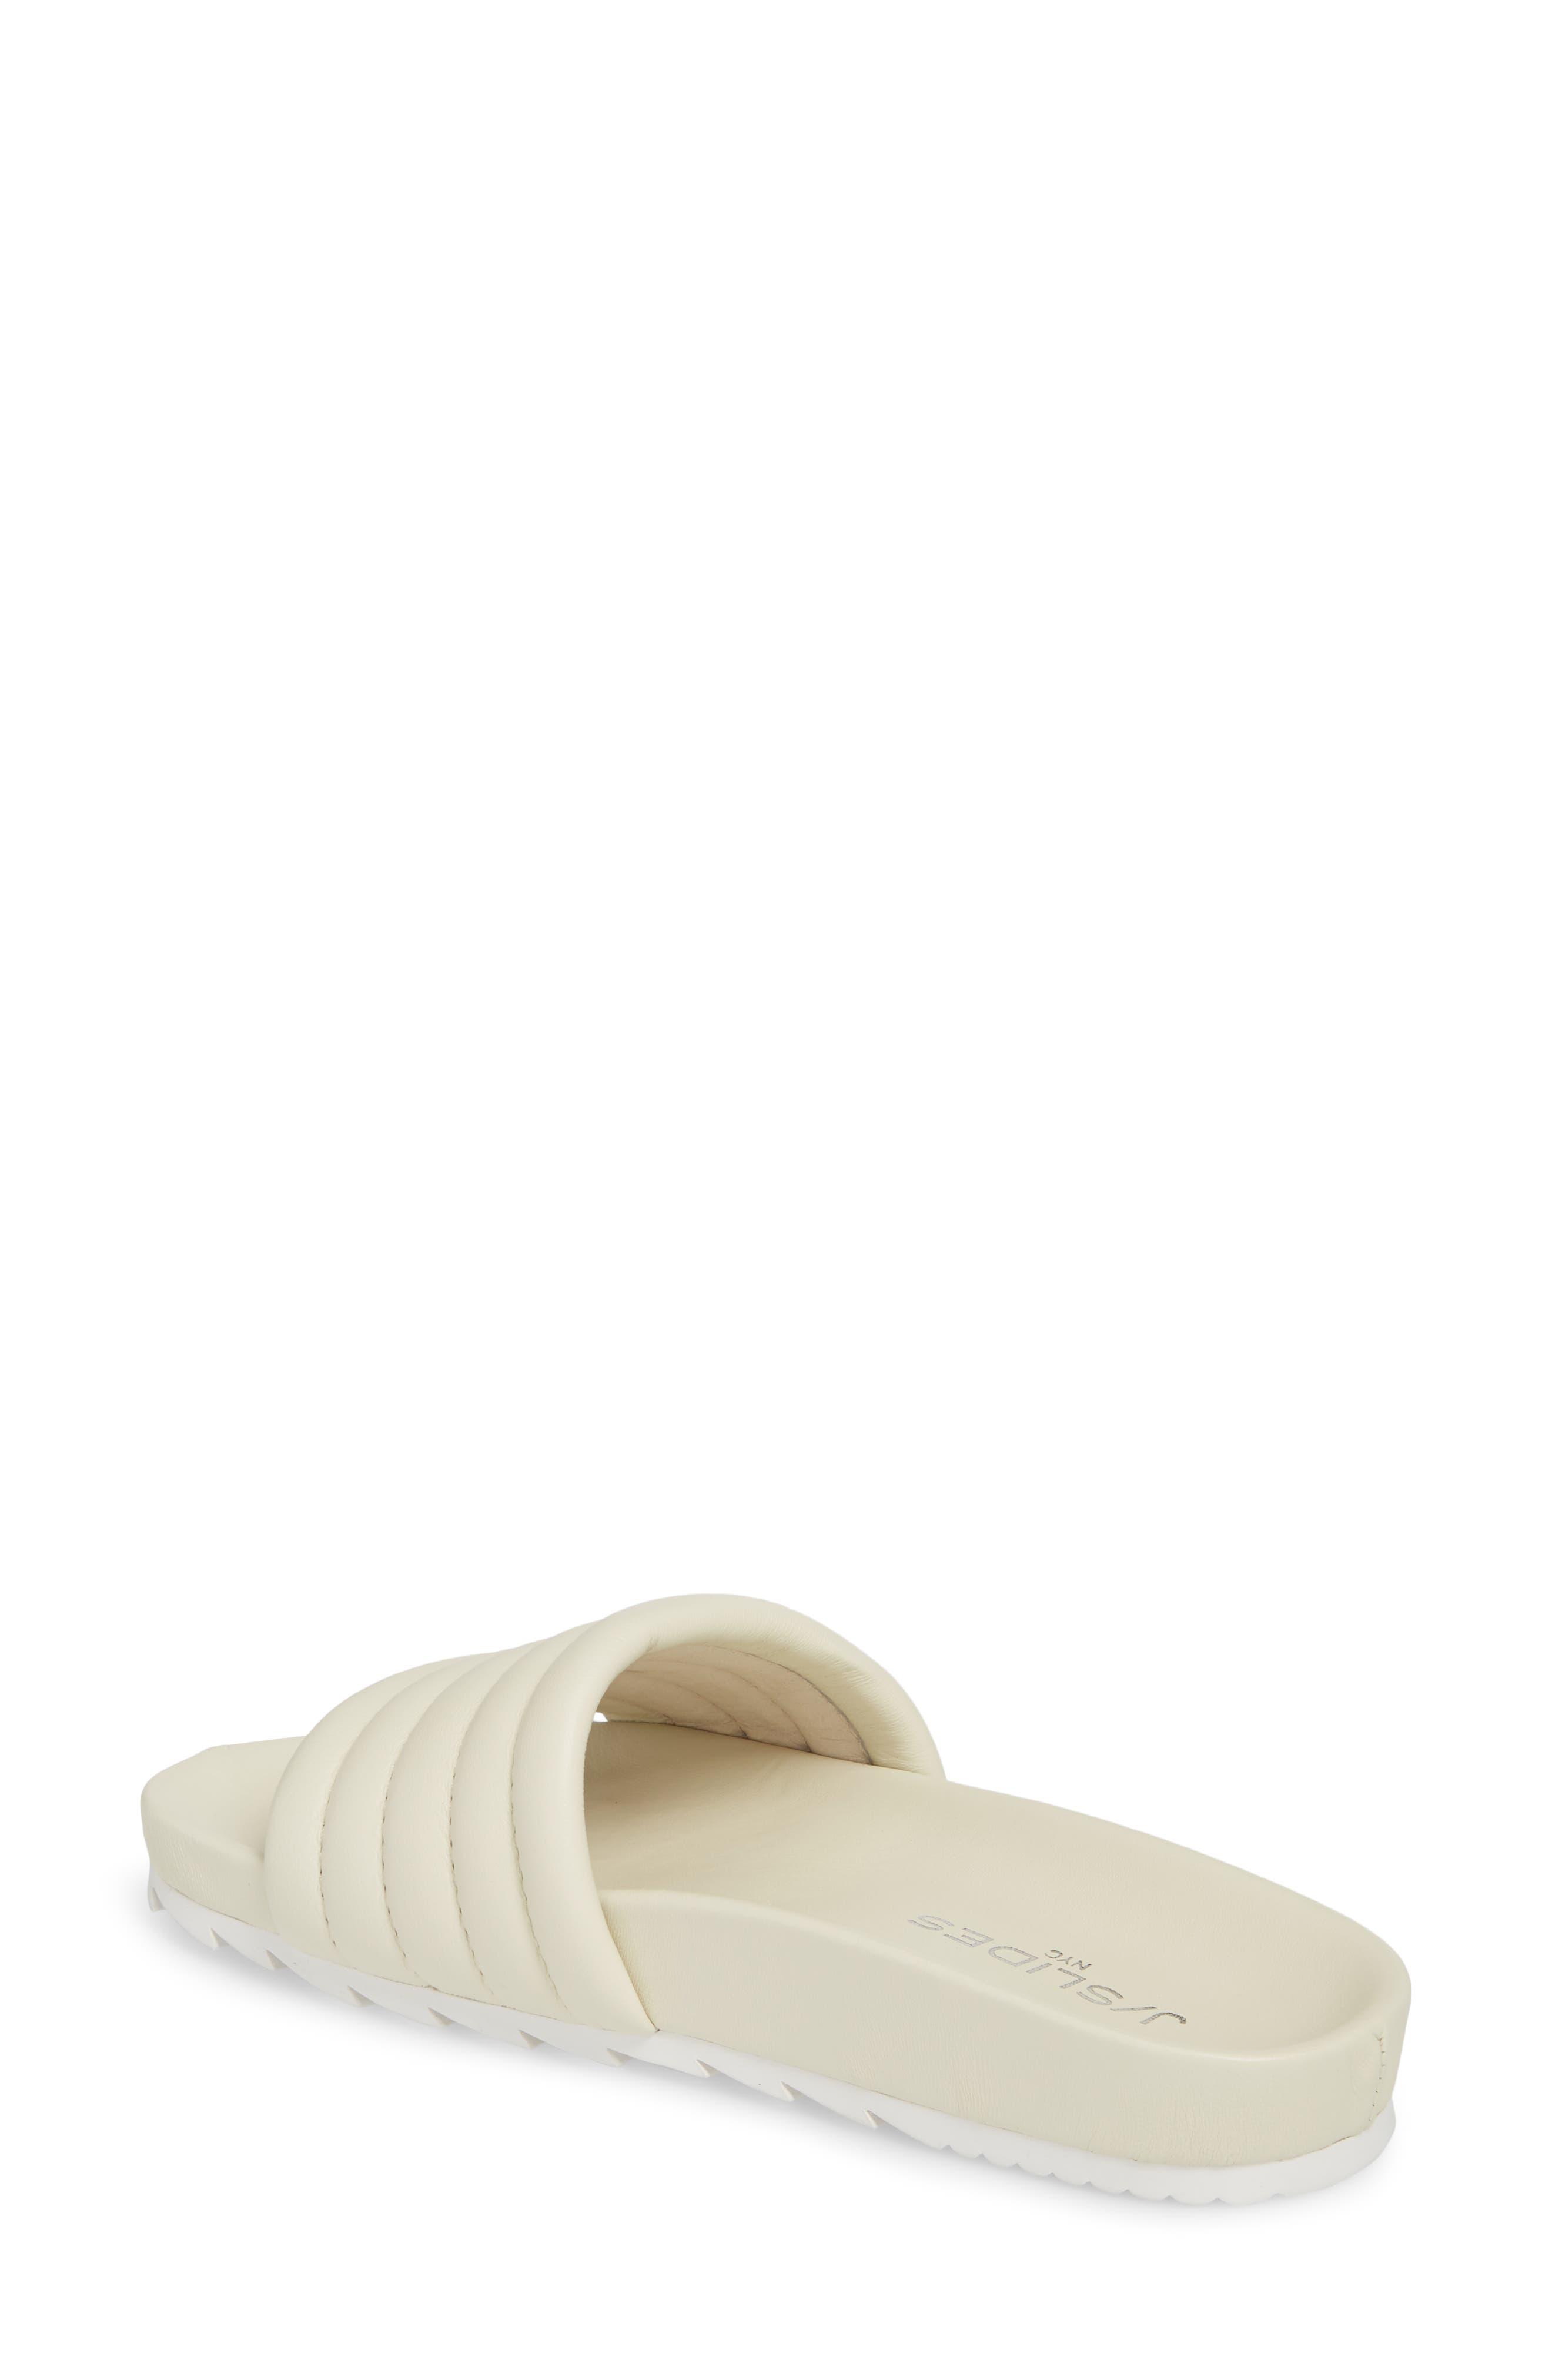 Eppie Slide Sandal,                             Alternate thumbnail 2, color,                             OFF WHITE LEATHER